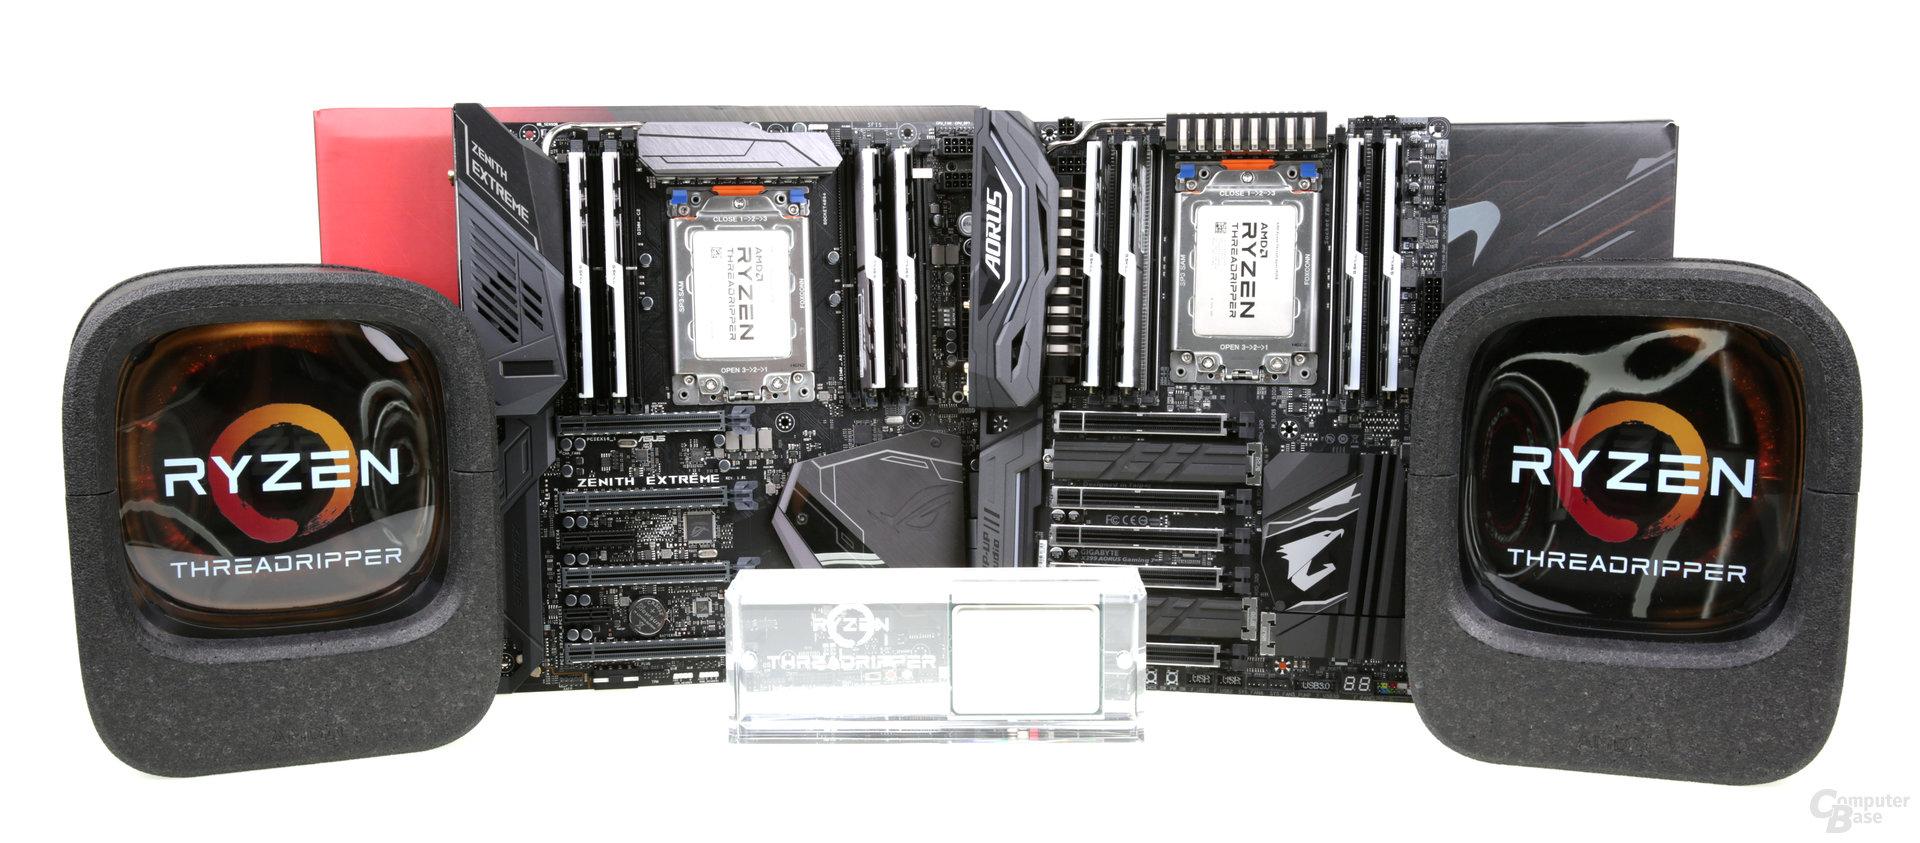 AMD Ryzen Threadripper 1950X und 1920X im Test